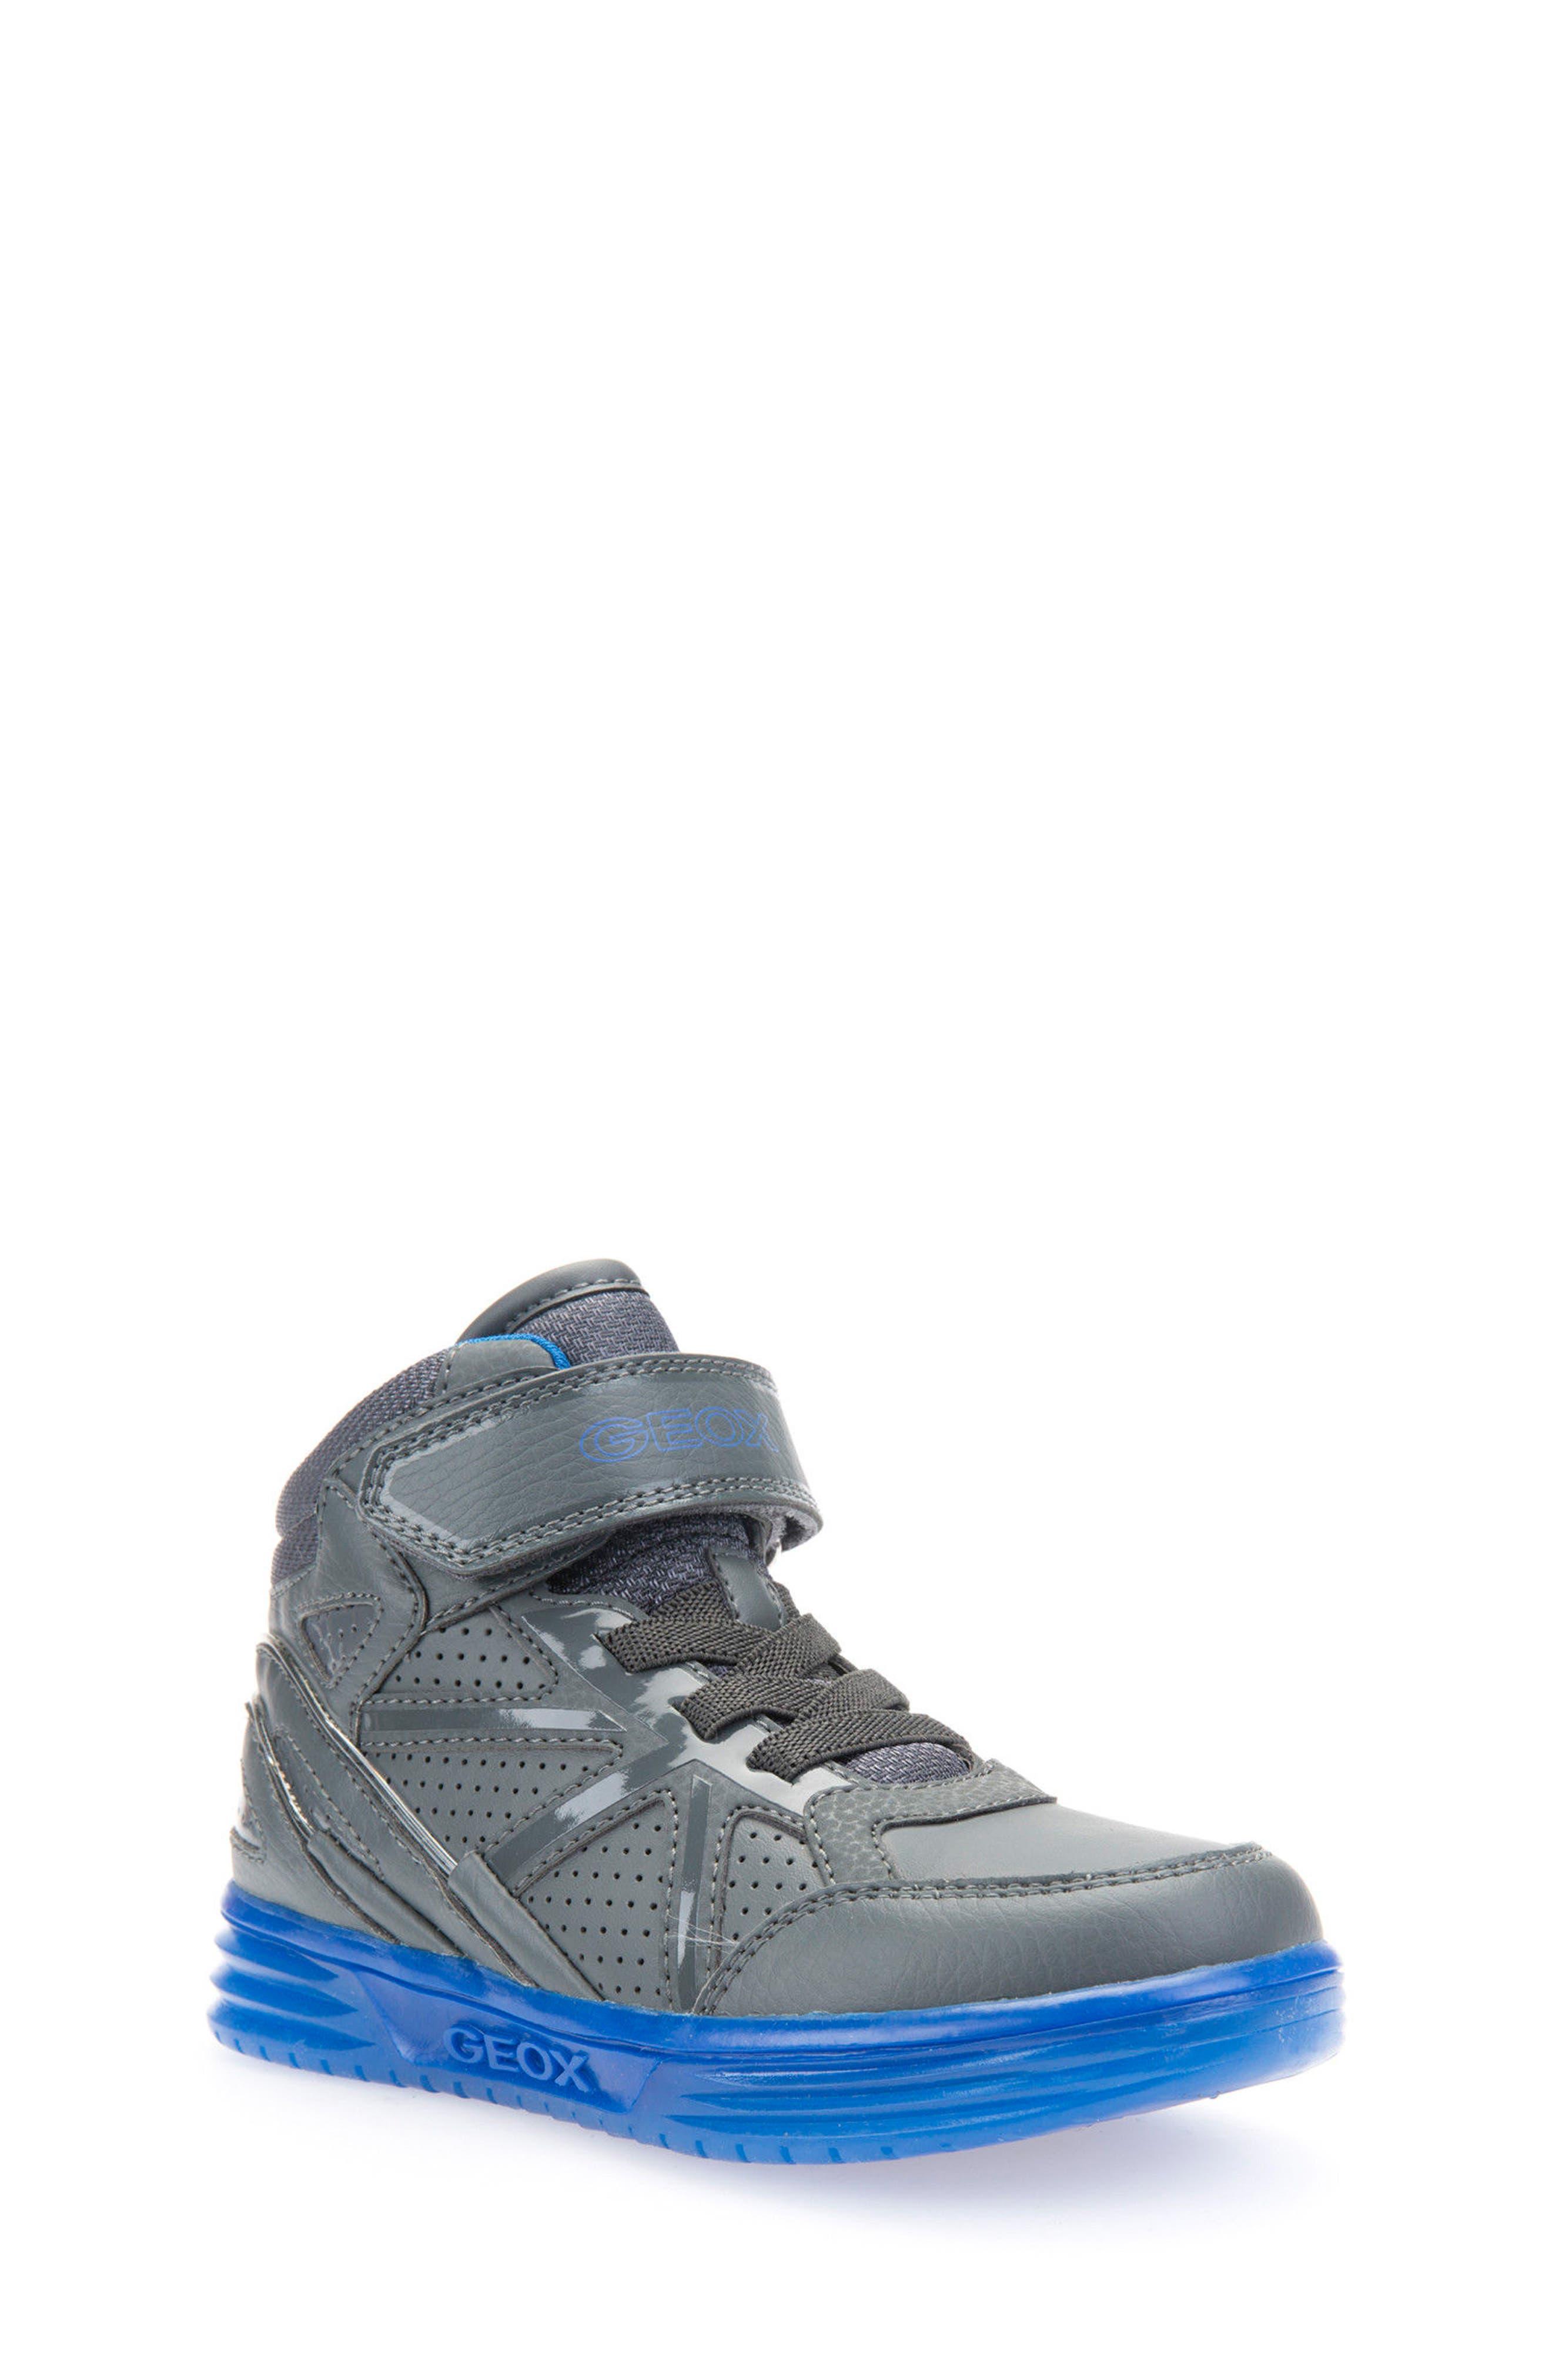 Argonat High Top Sneaker,                         Main,                         color, Dark Grey/ Royal